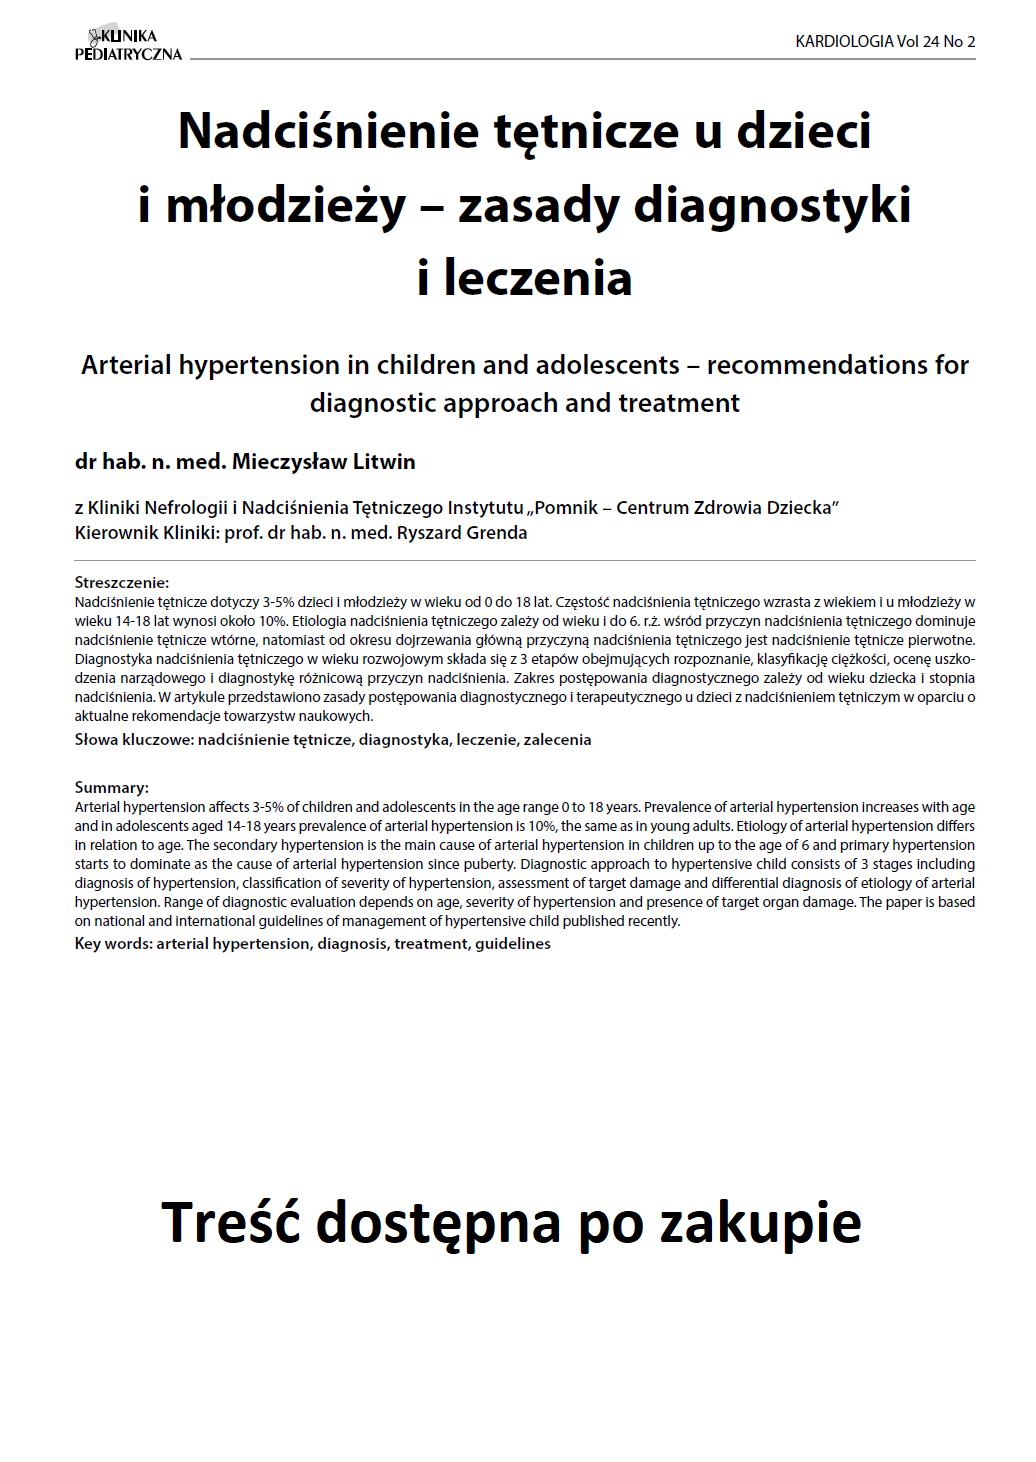 KP 2 -2016- Nadciśnienie tętnicze u dzieci i młodzieży – zasady diagnostyki i leczenia